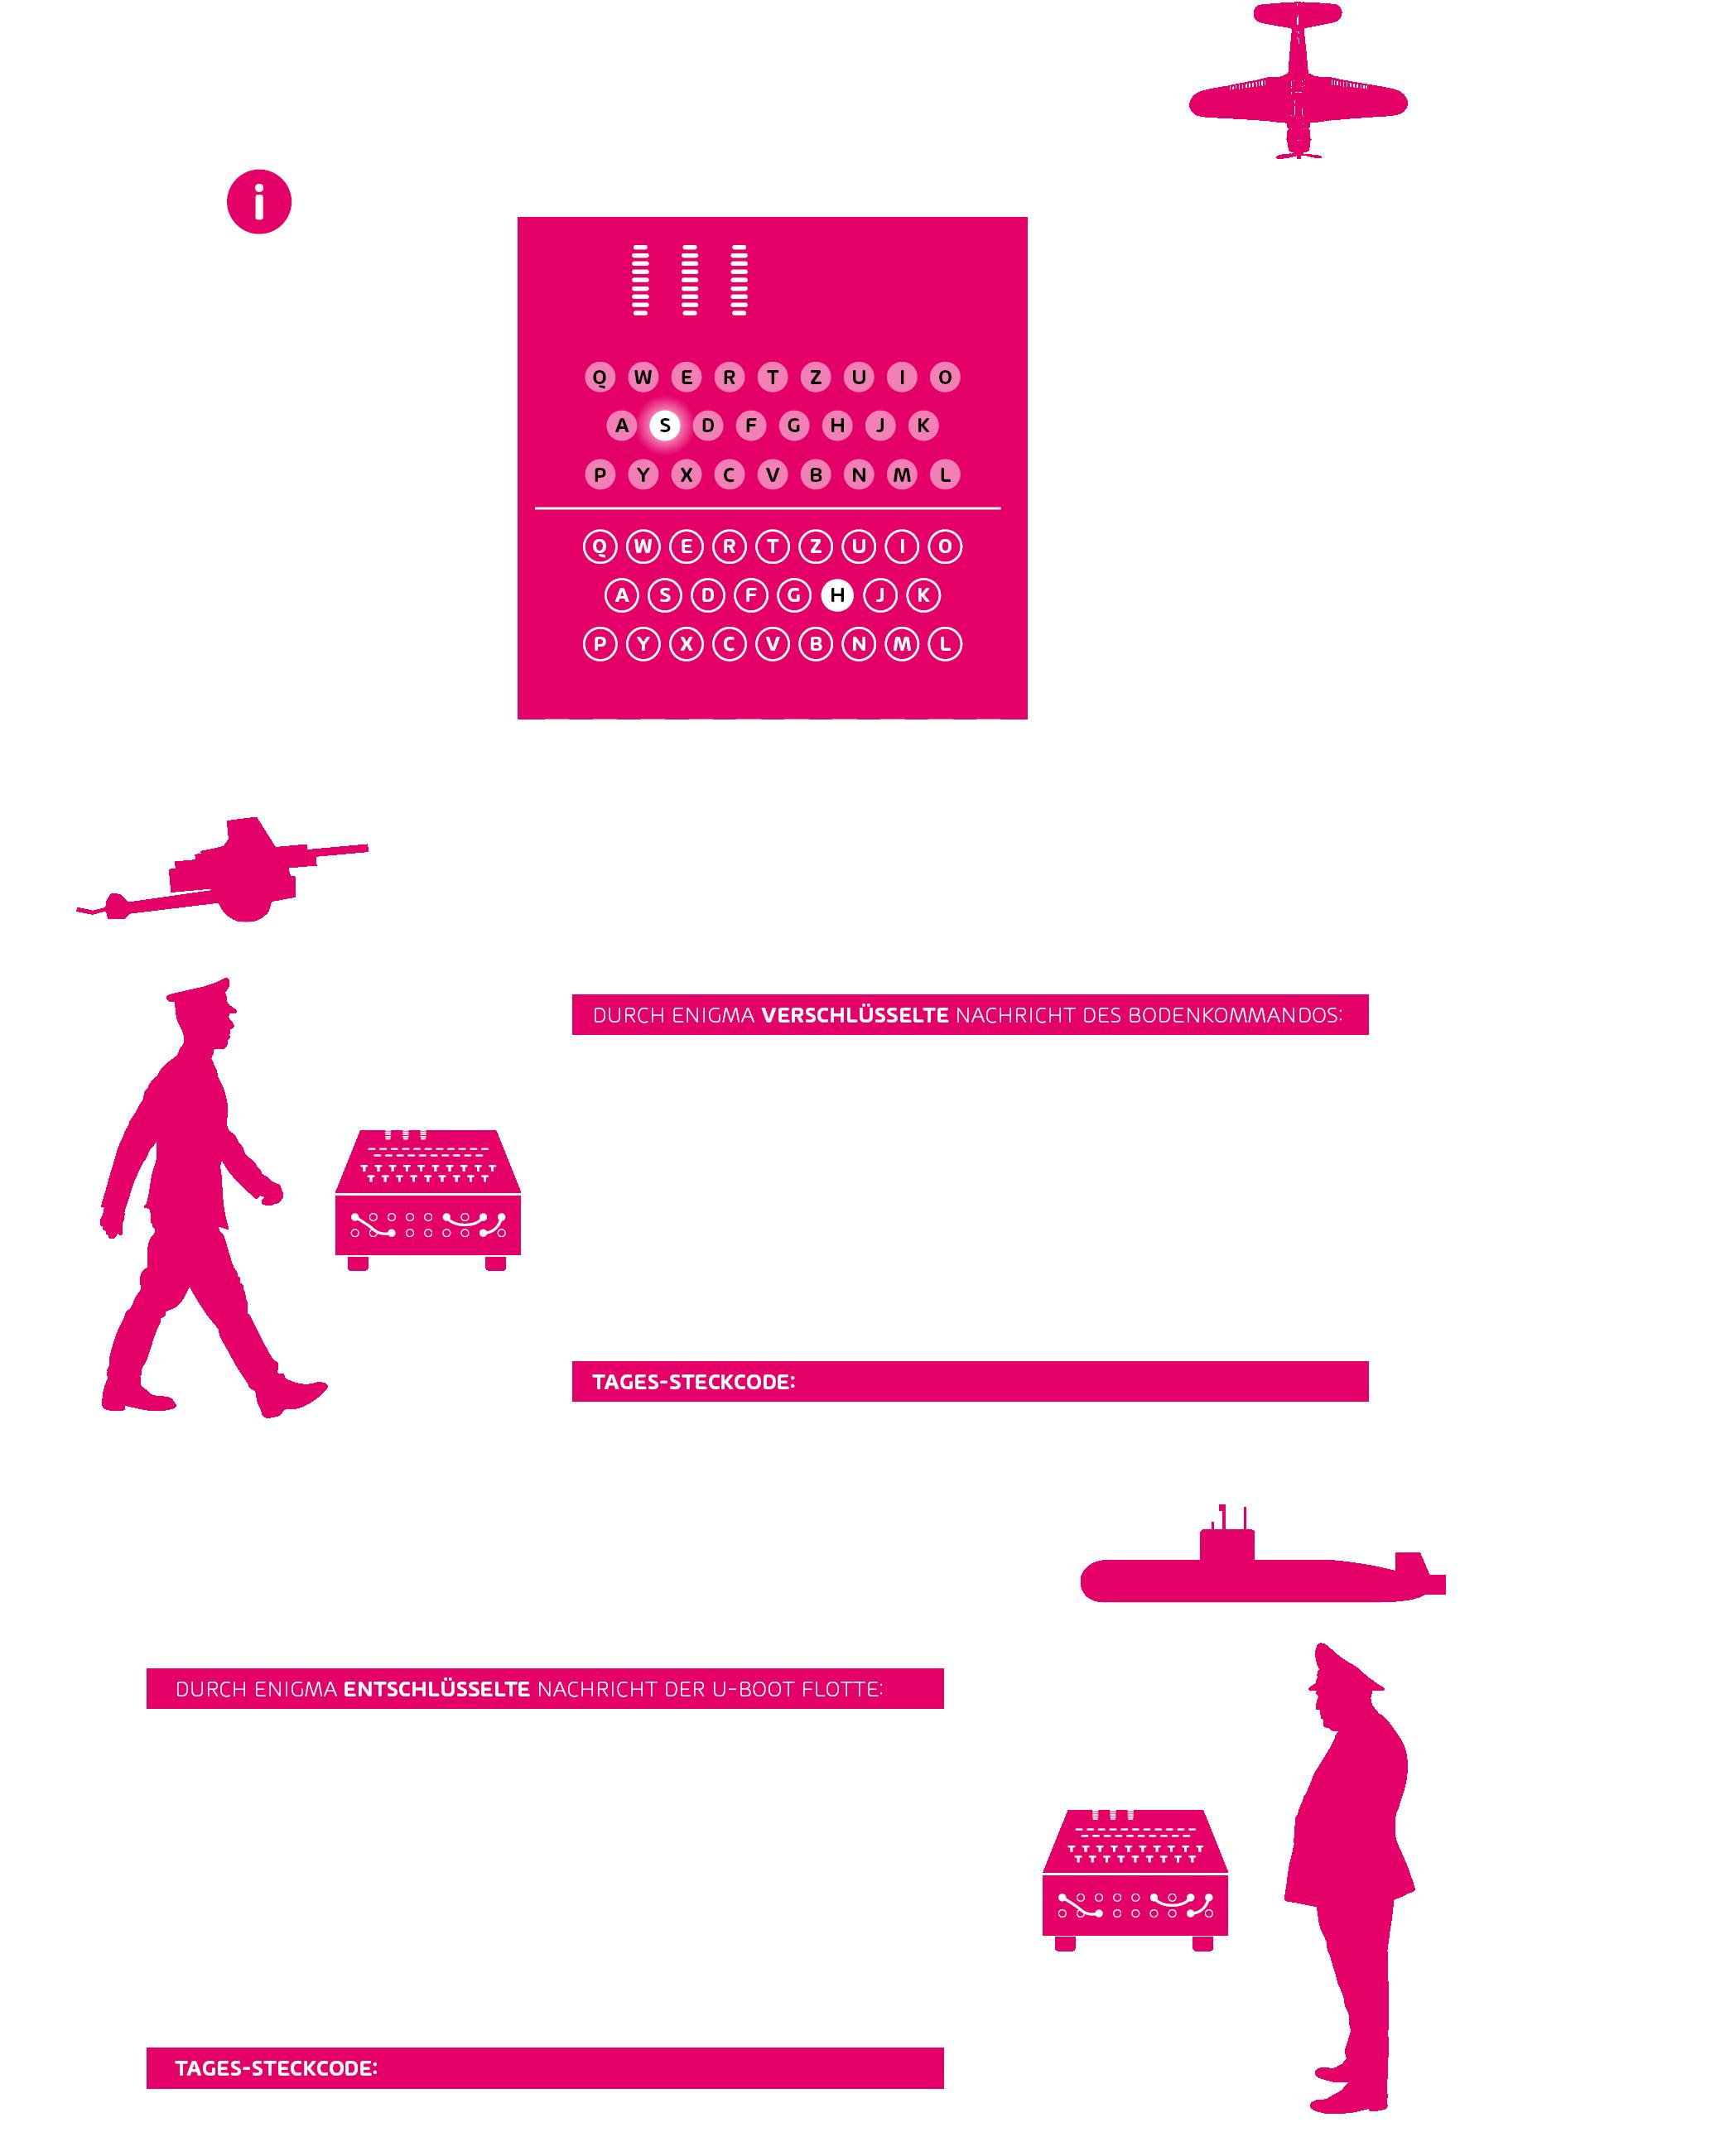 Enigma-Code und Turing-Maschine erklärt